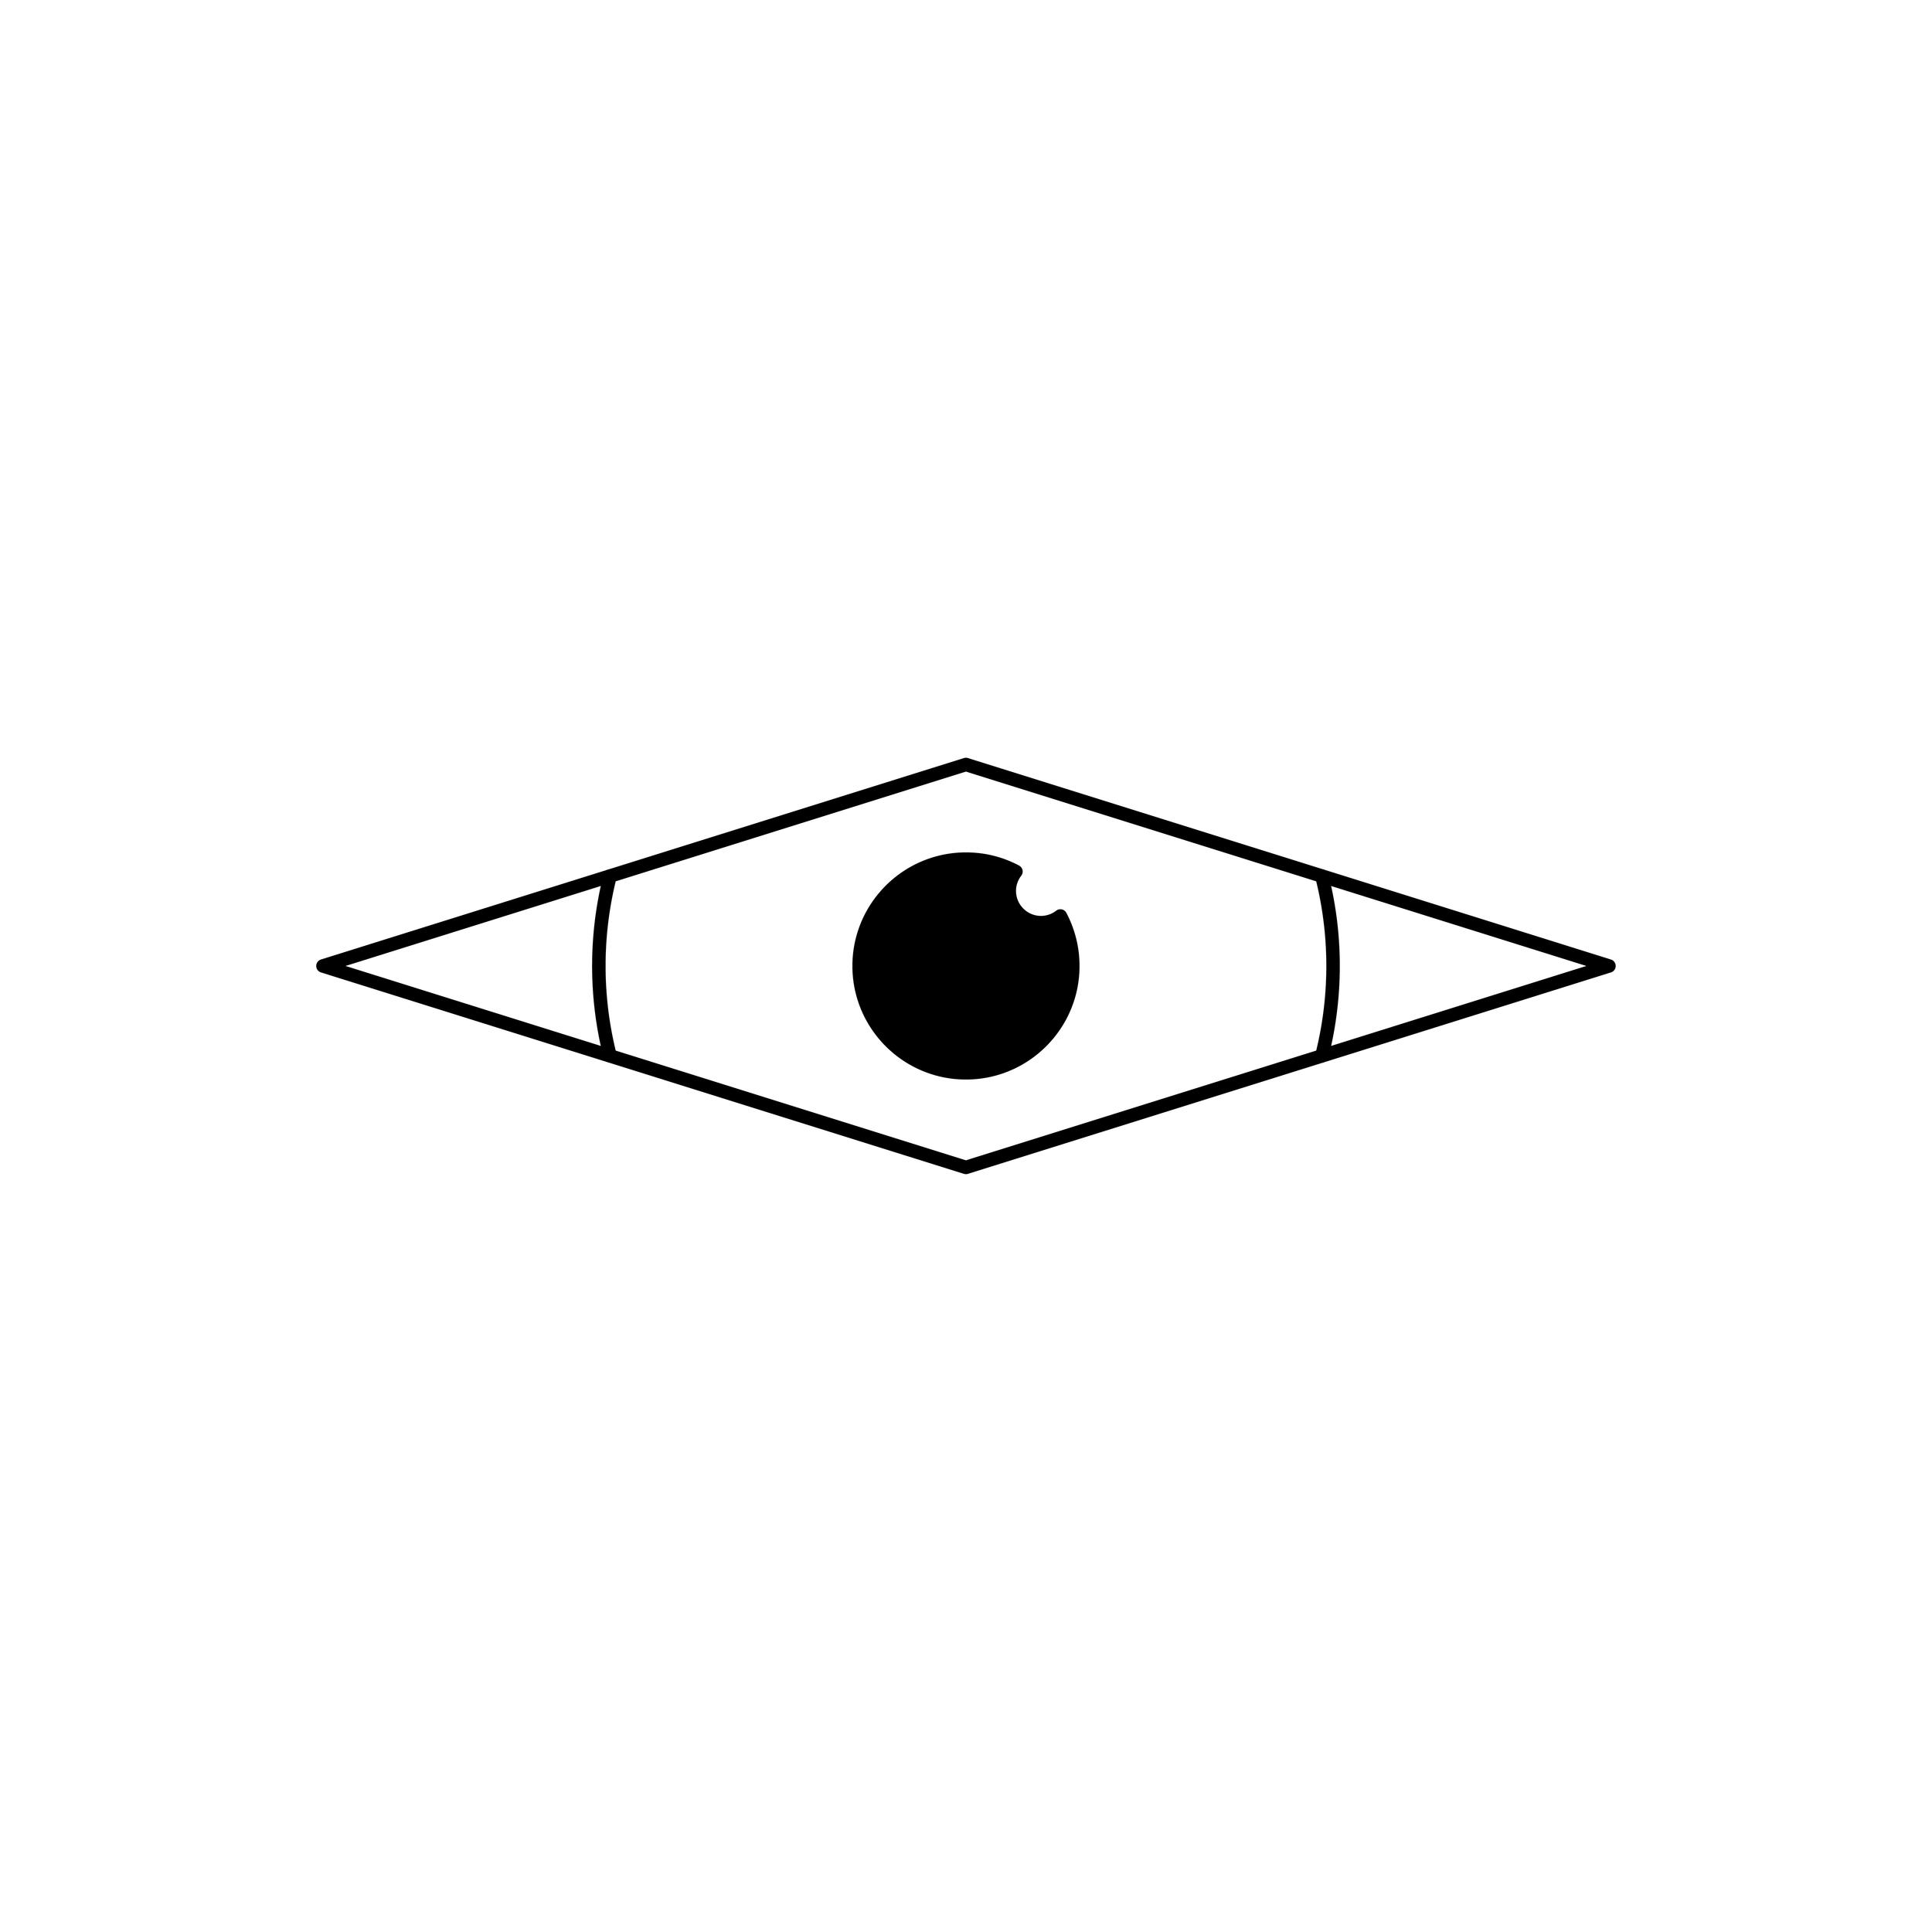 eyes-12.jpg